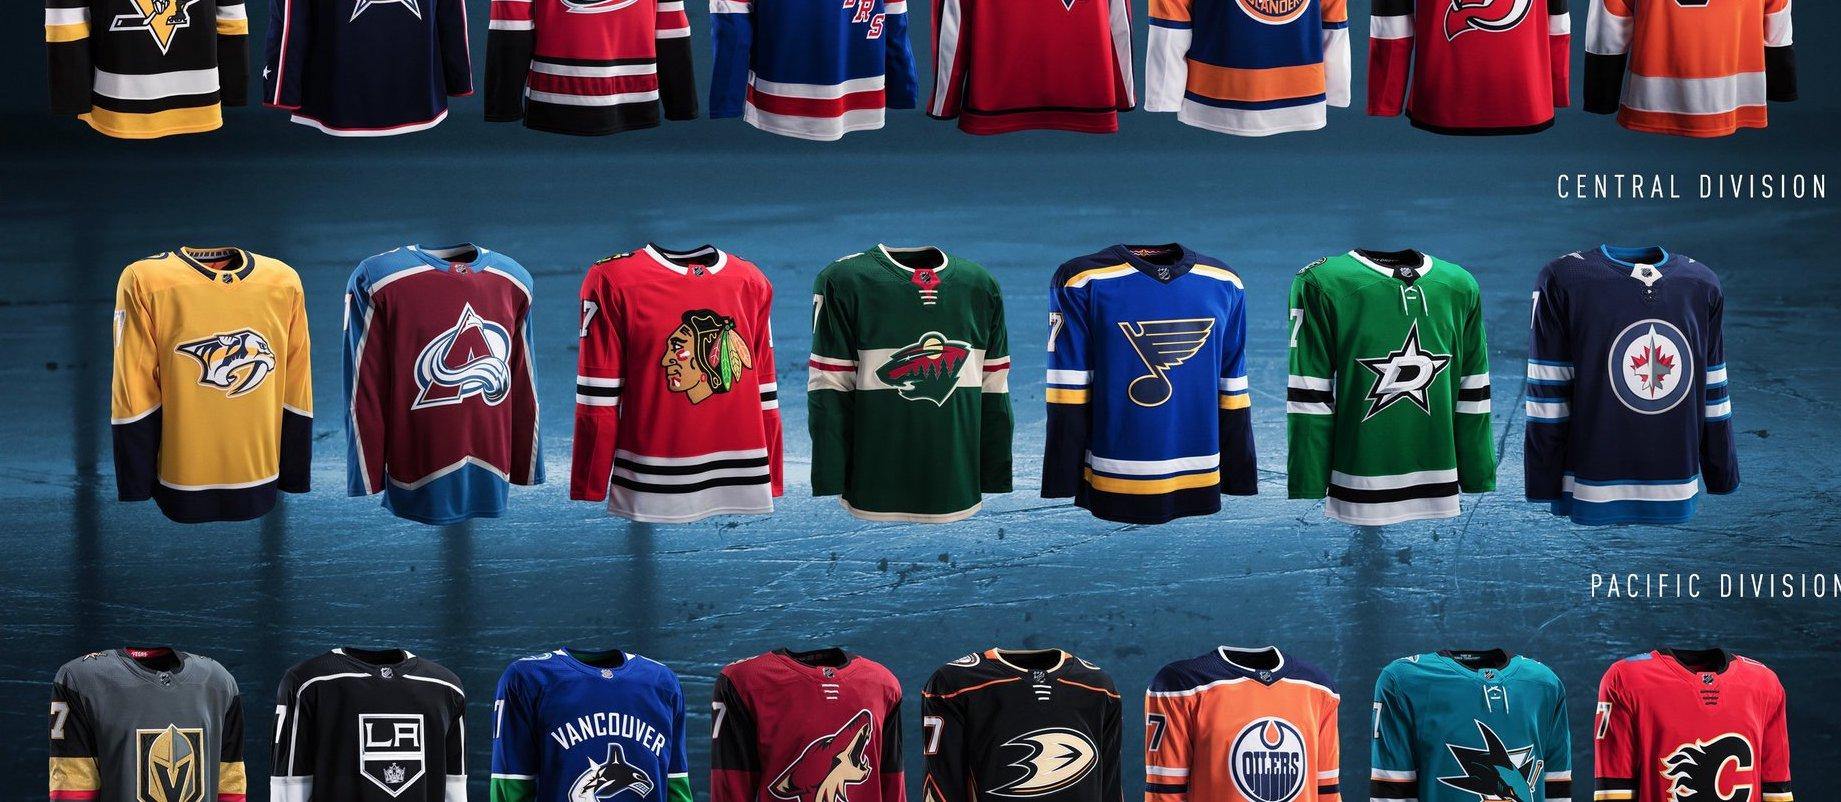 Adidas dévoile ses nouveaux maillots pour la NHL